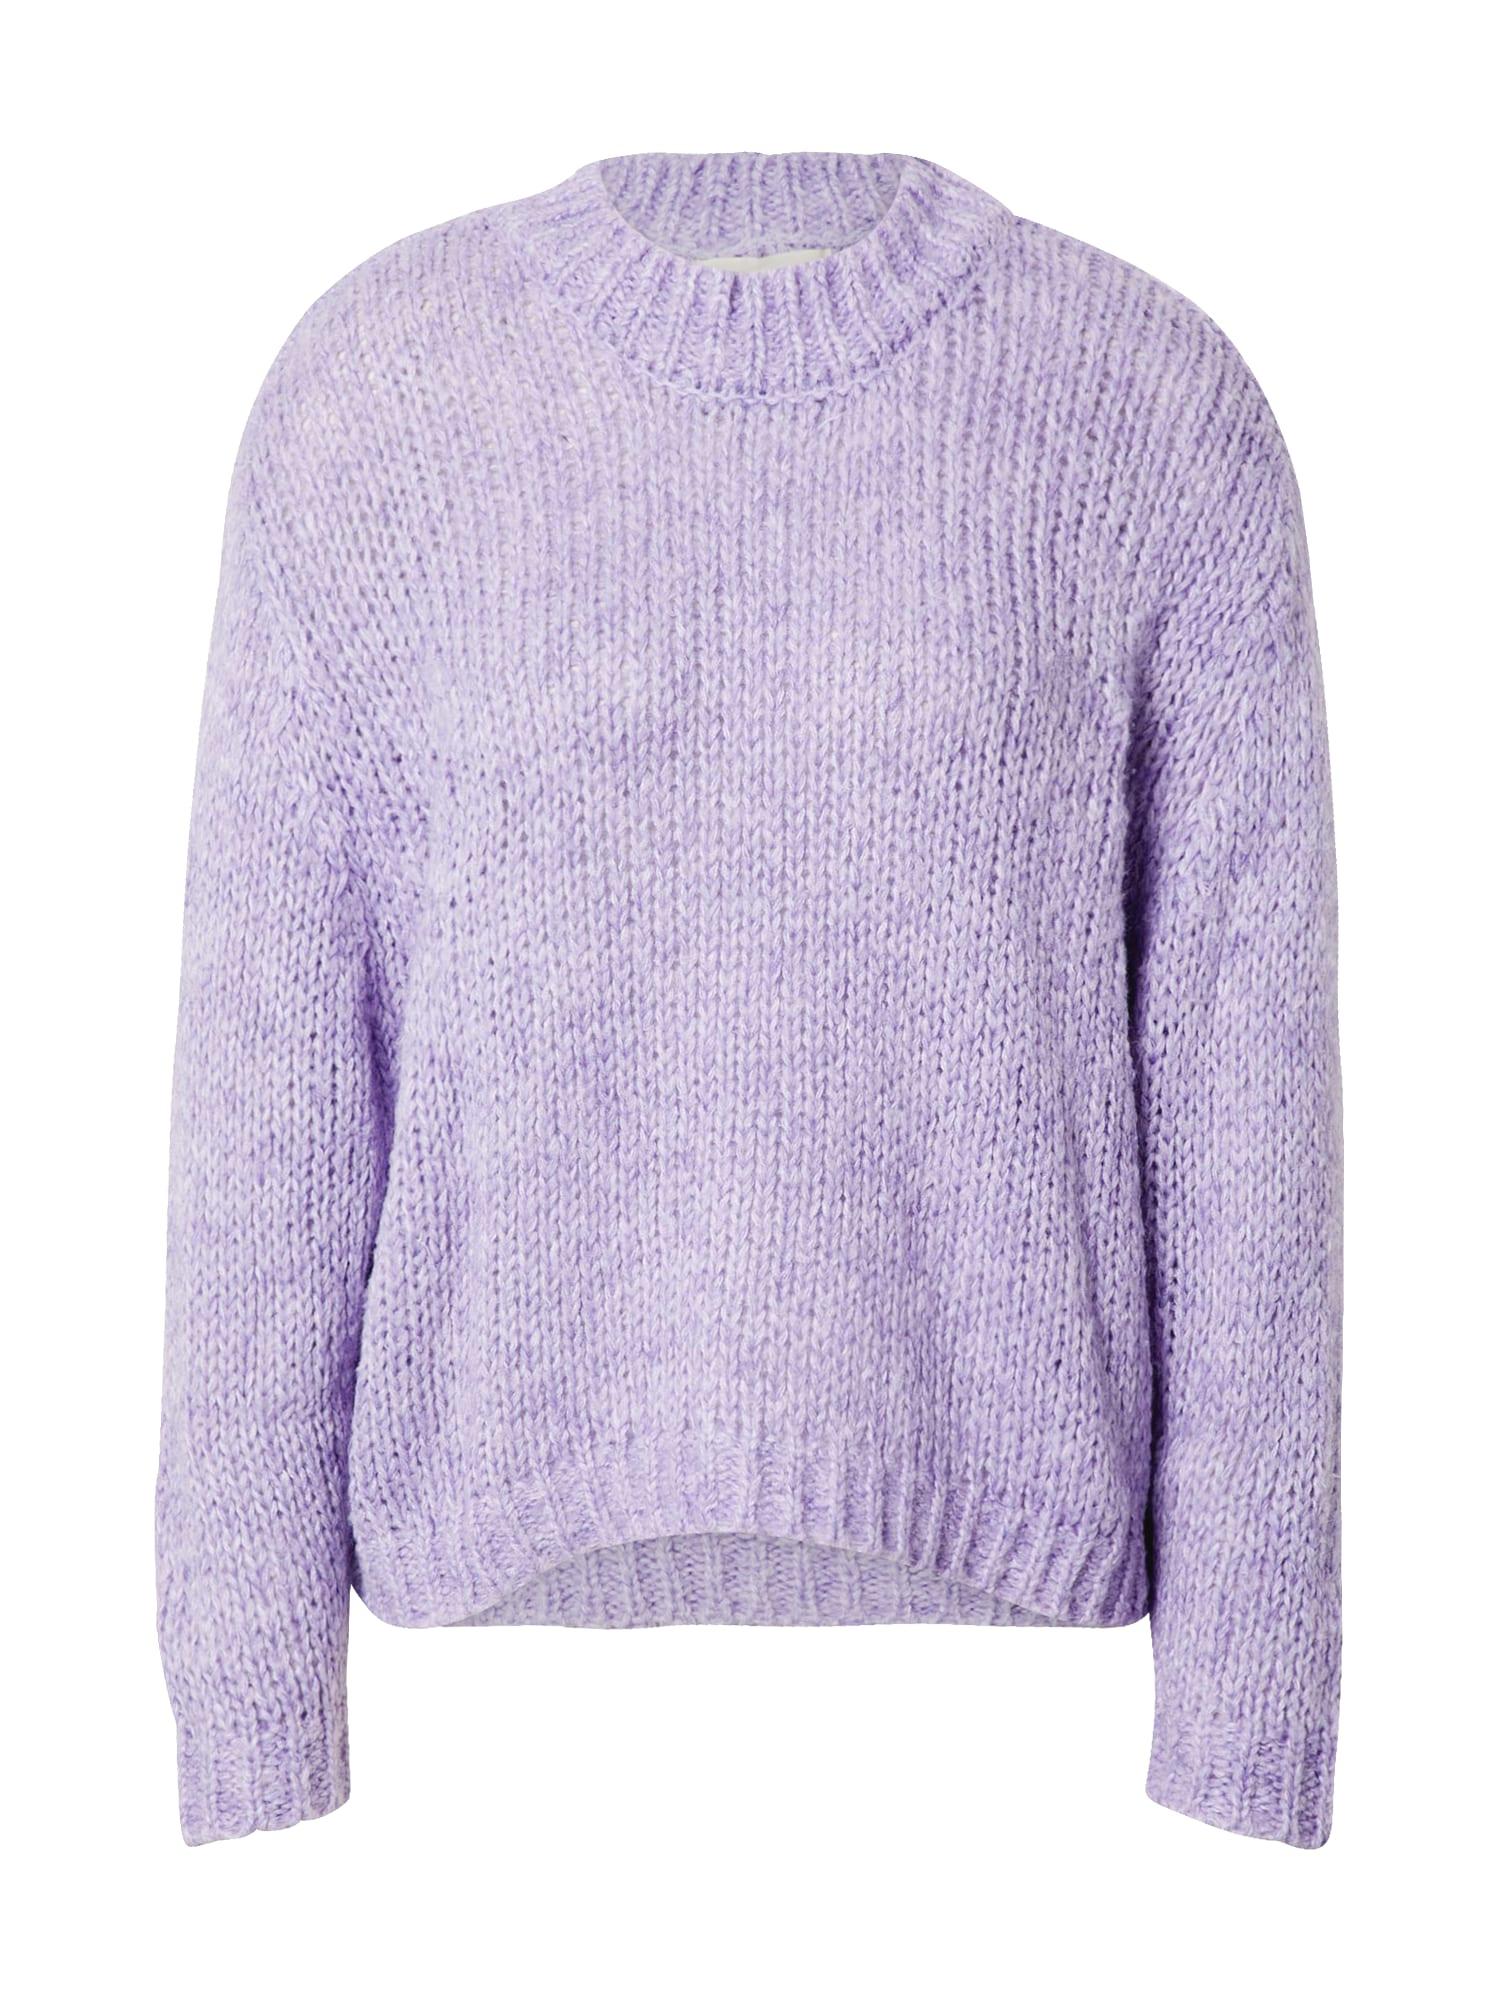 24COLOURS Megztinis purpurinė